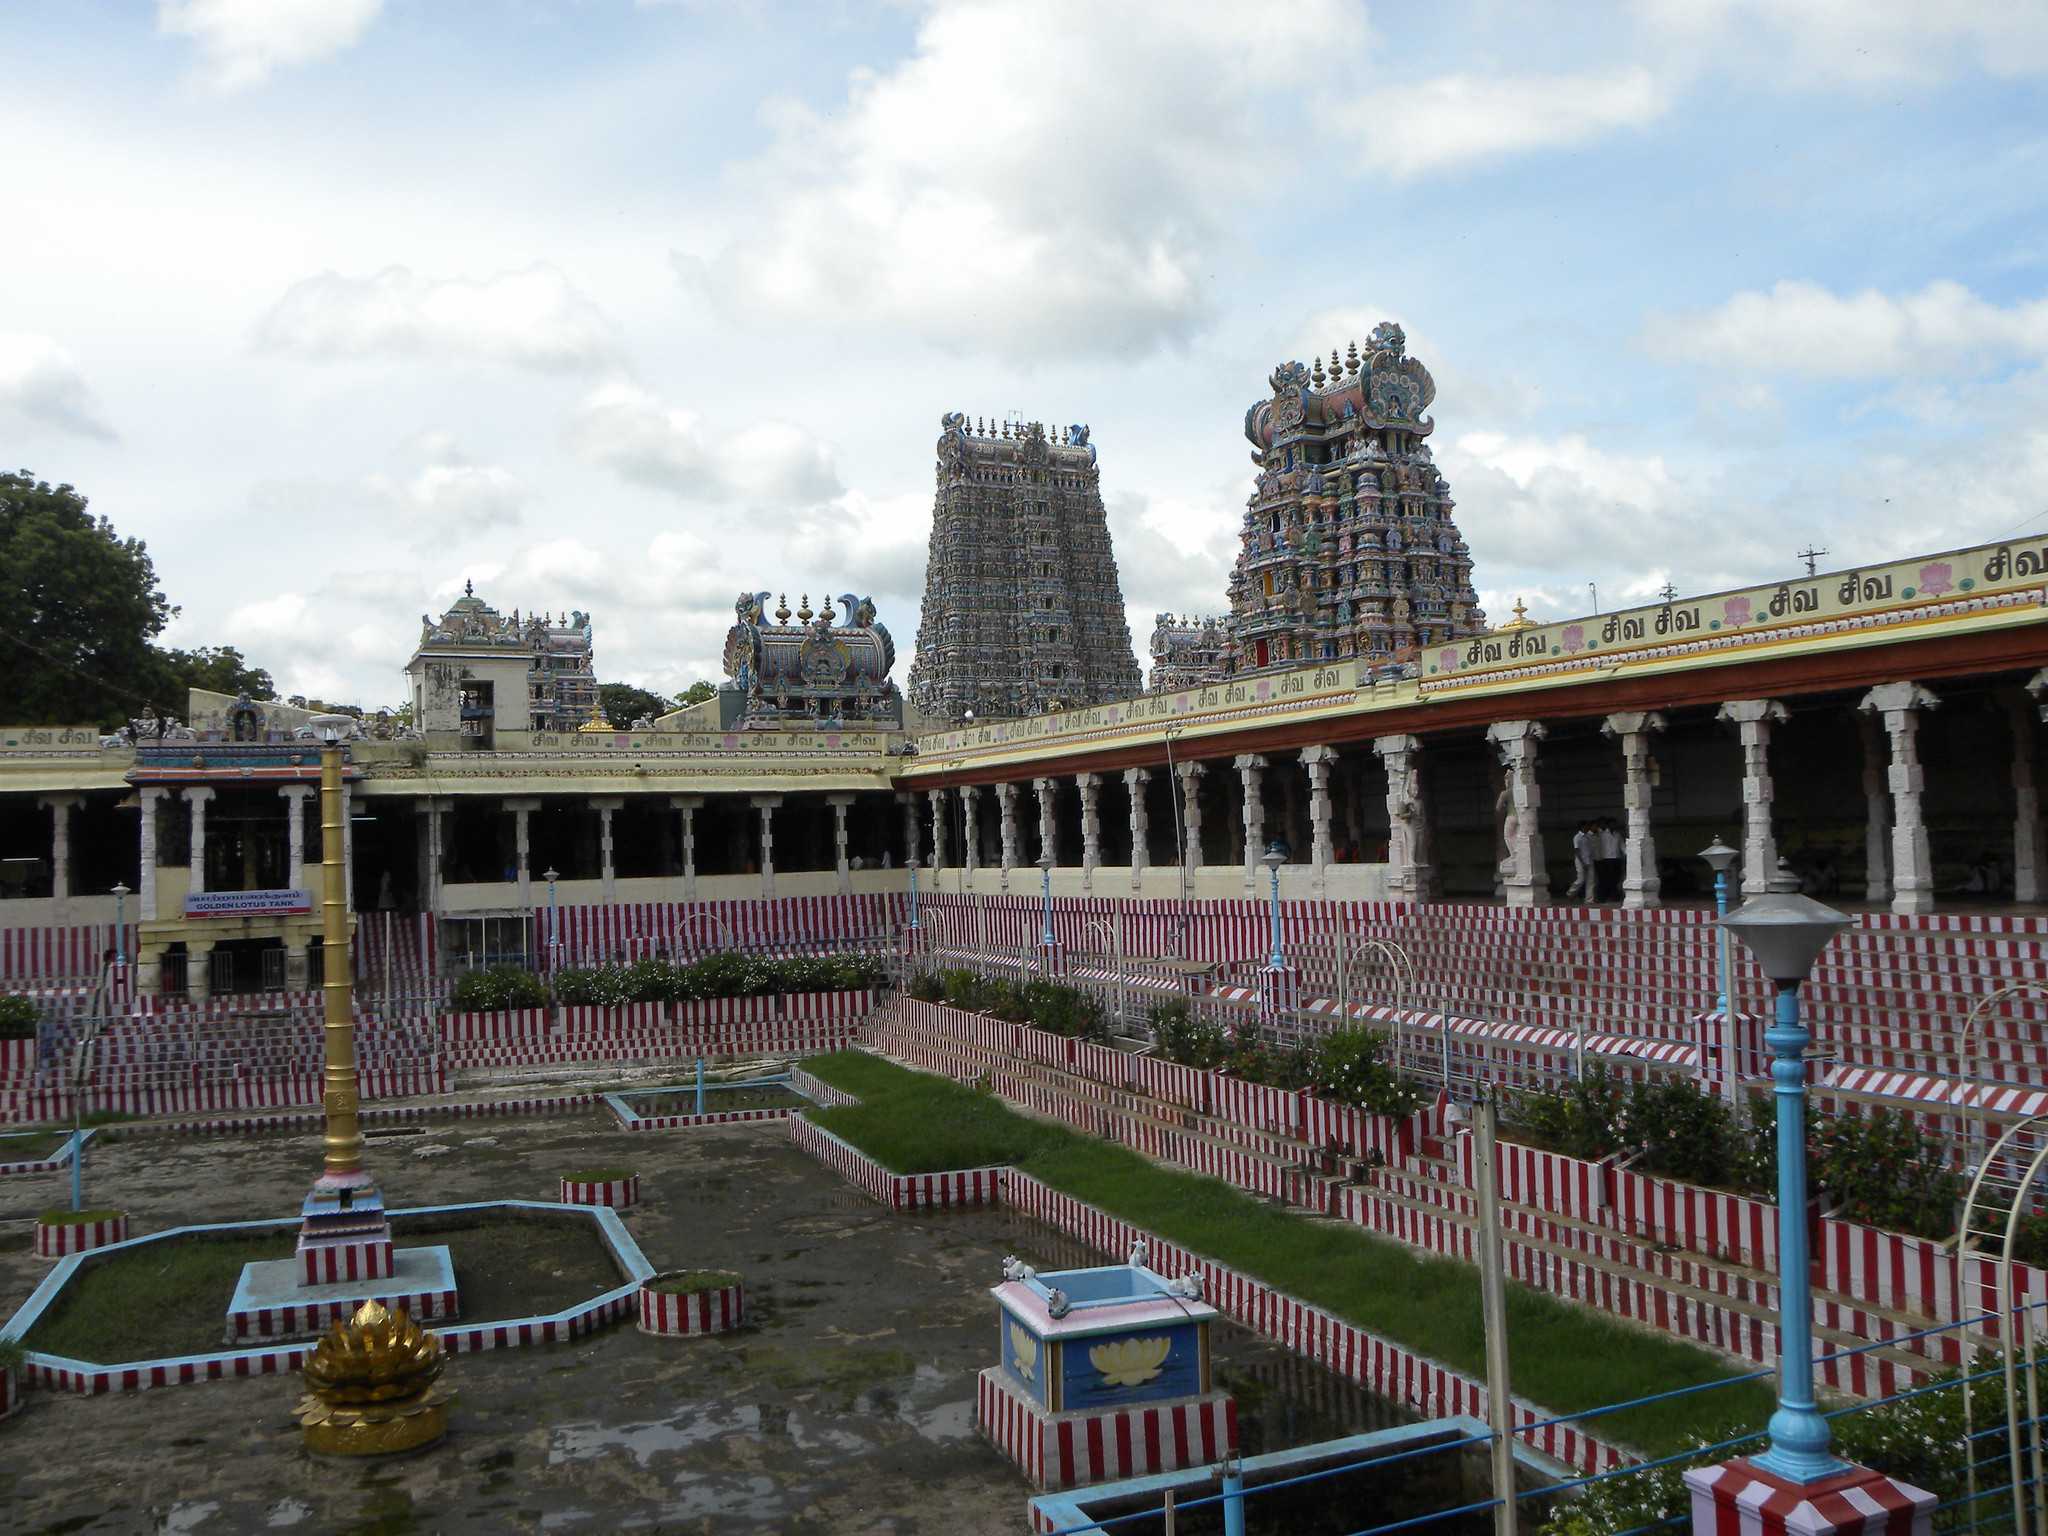 Madurai, Meenakshi Amman Temple In Tamil Nadu